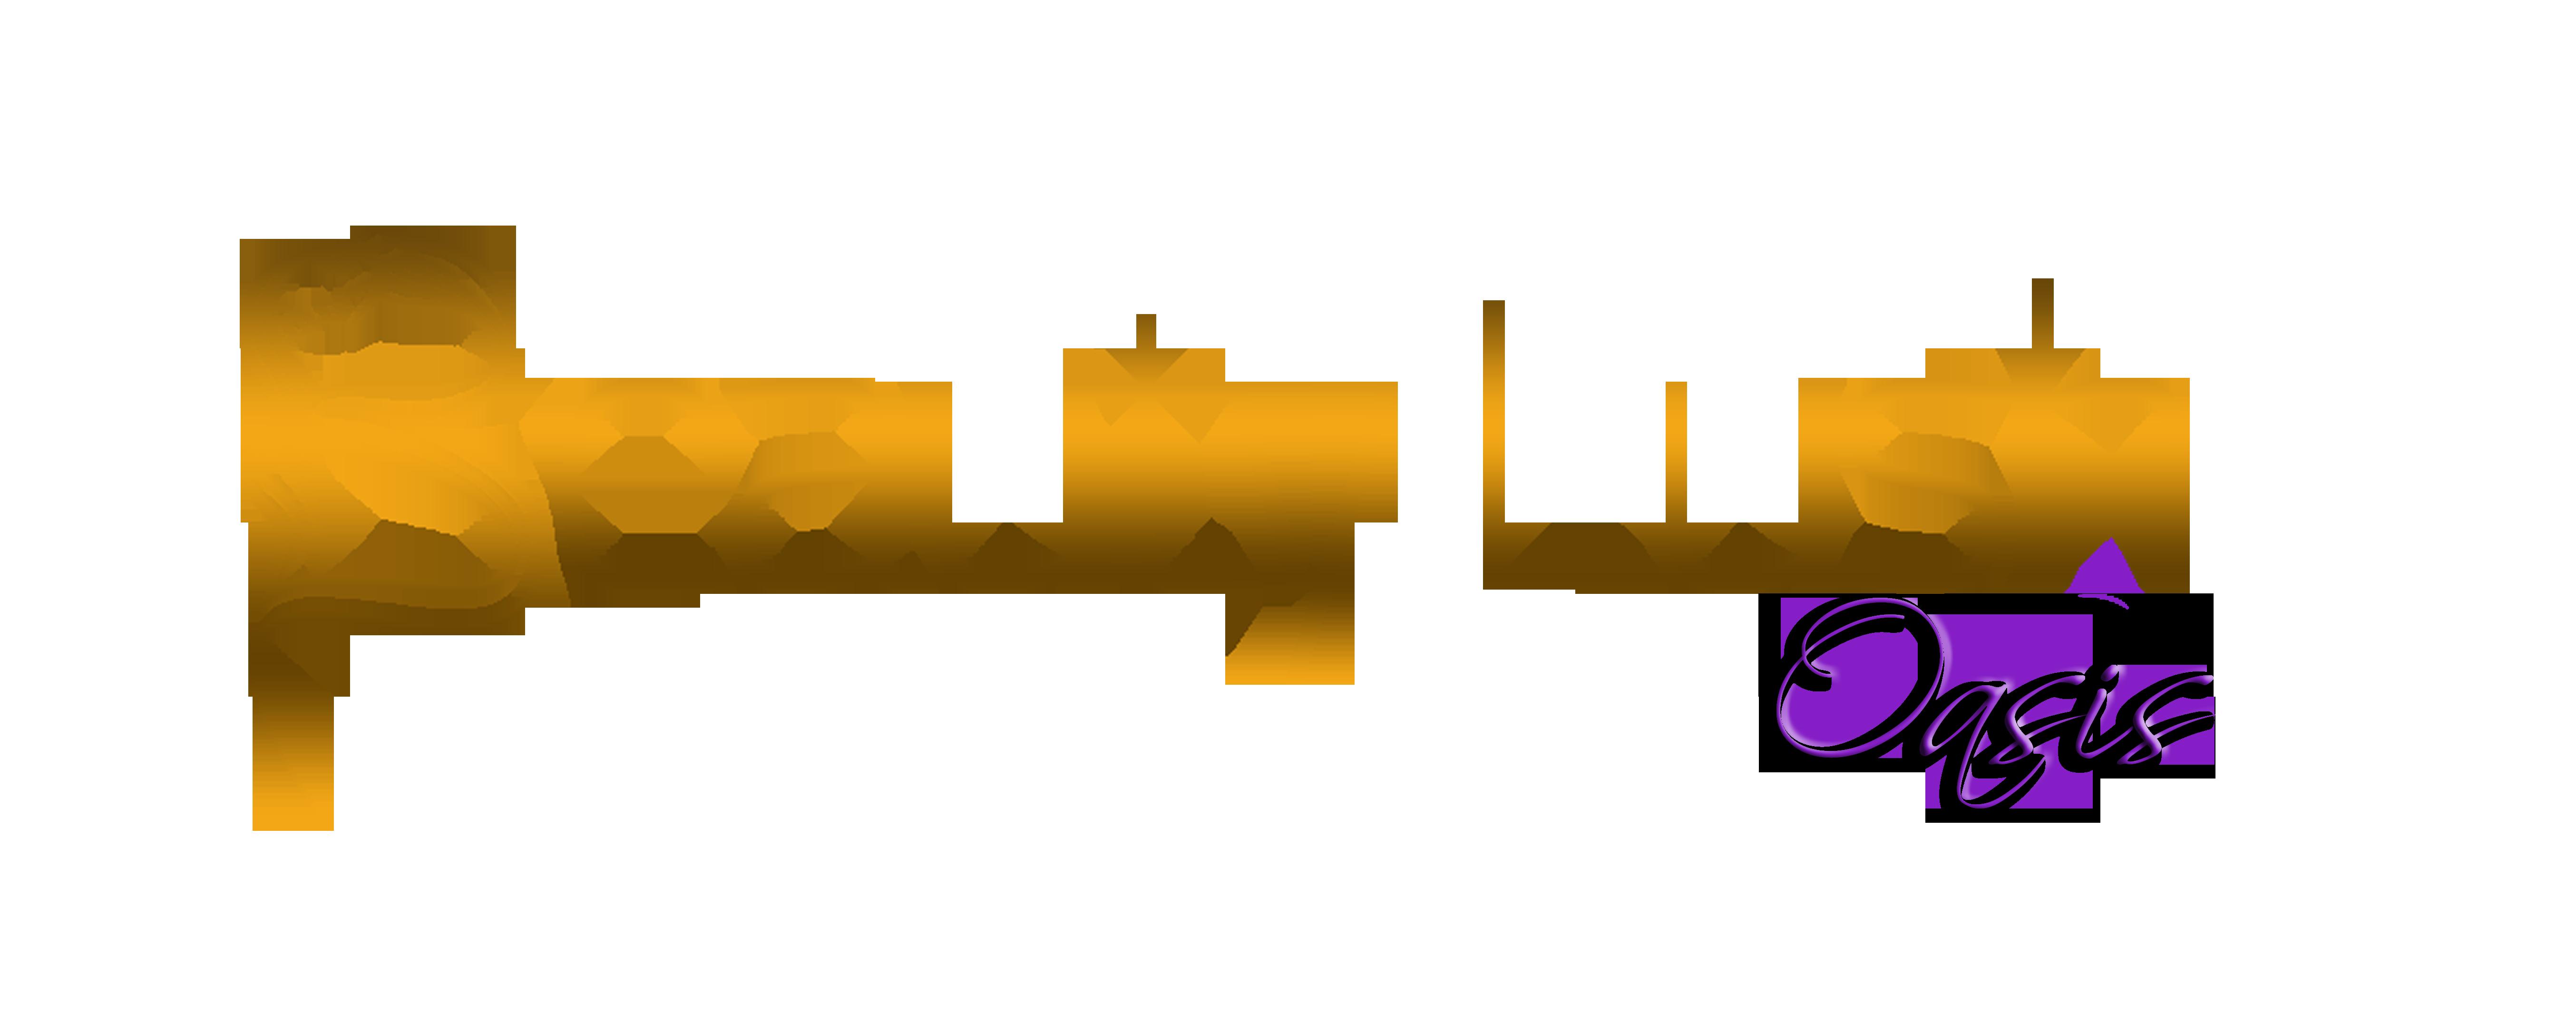 Beauty Lush Oasis